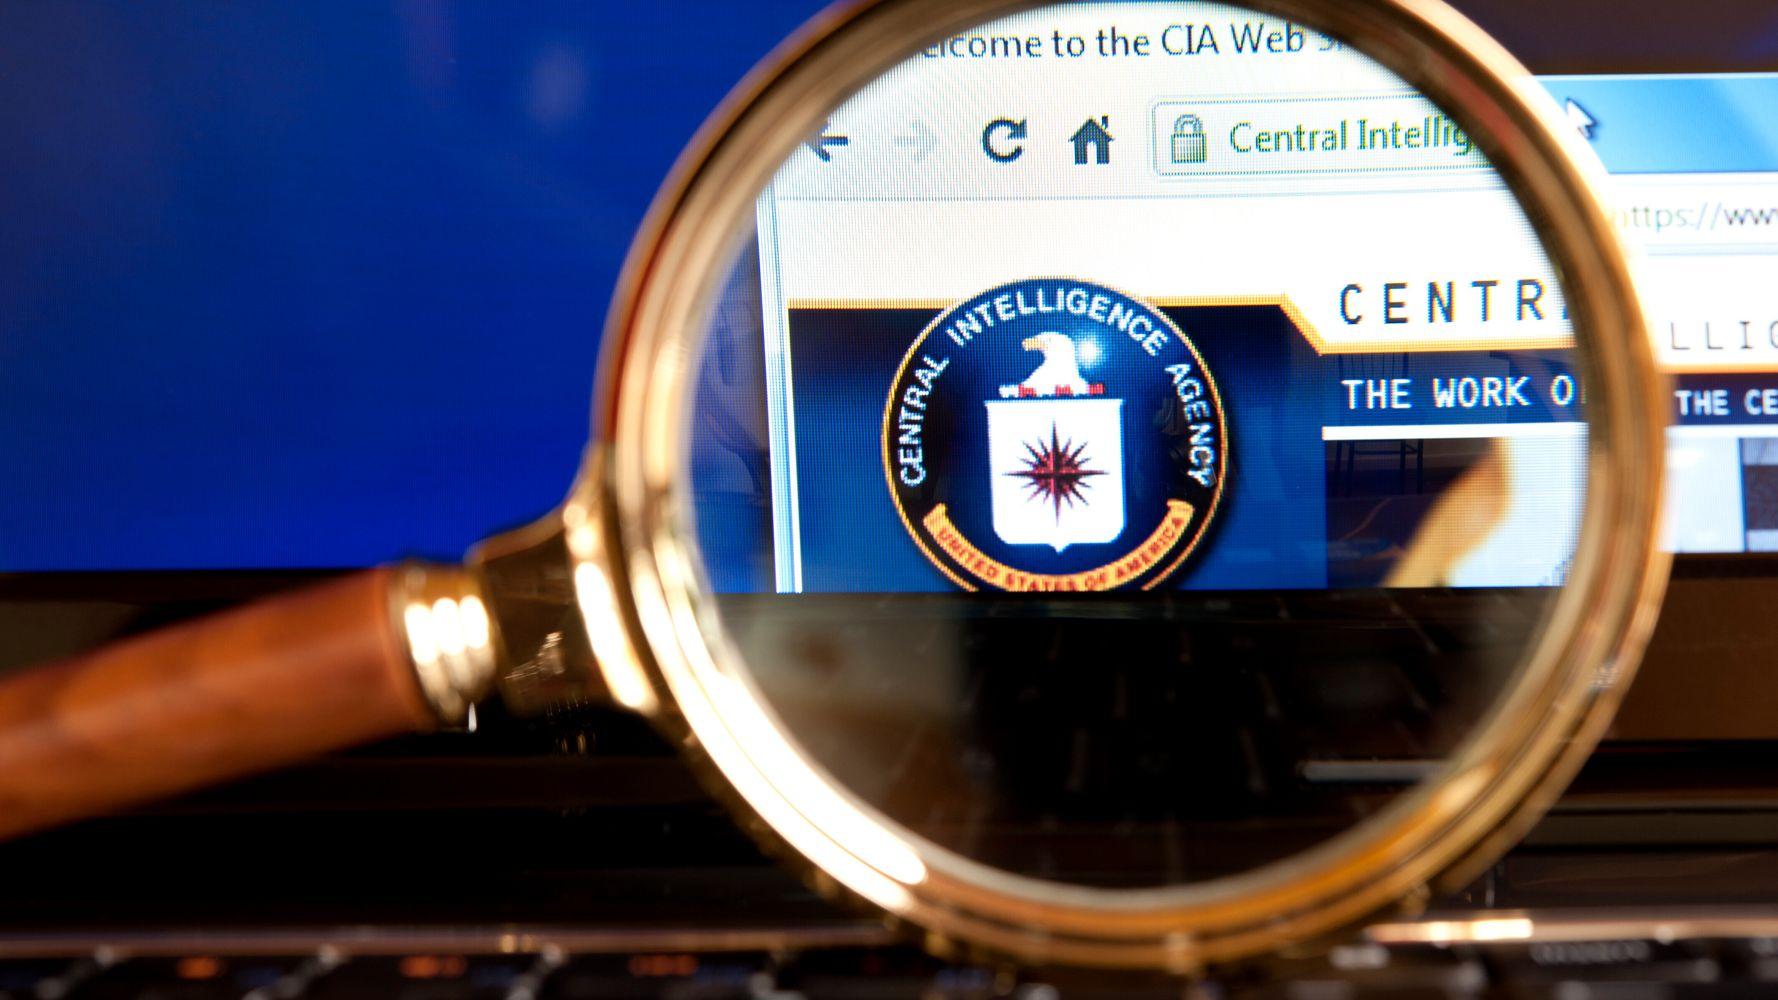 Επιβεβαιώνει το Κρεμλίνο την υπόθεση του πράκτορα της CIA | HuffPost Greece